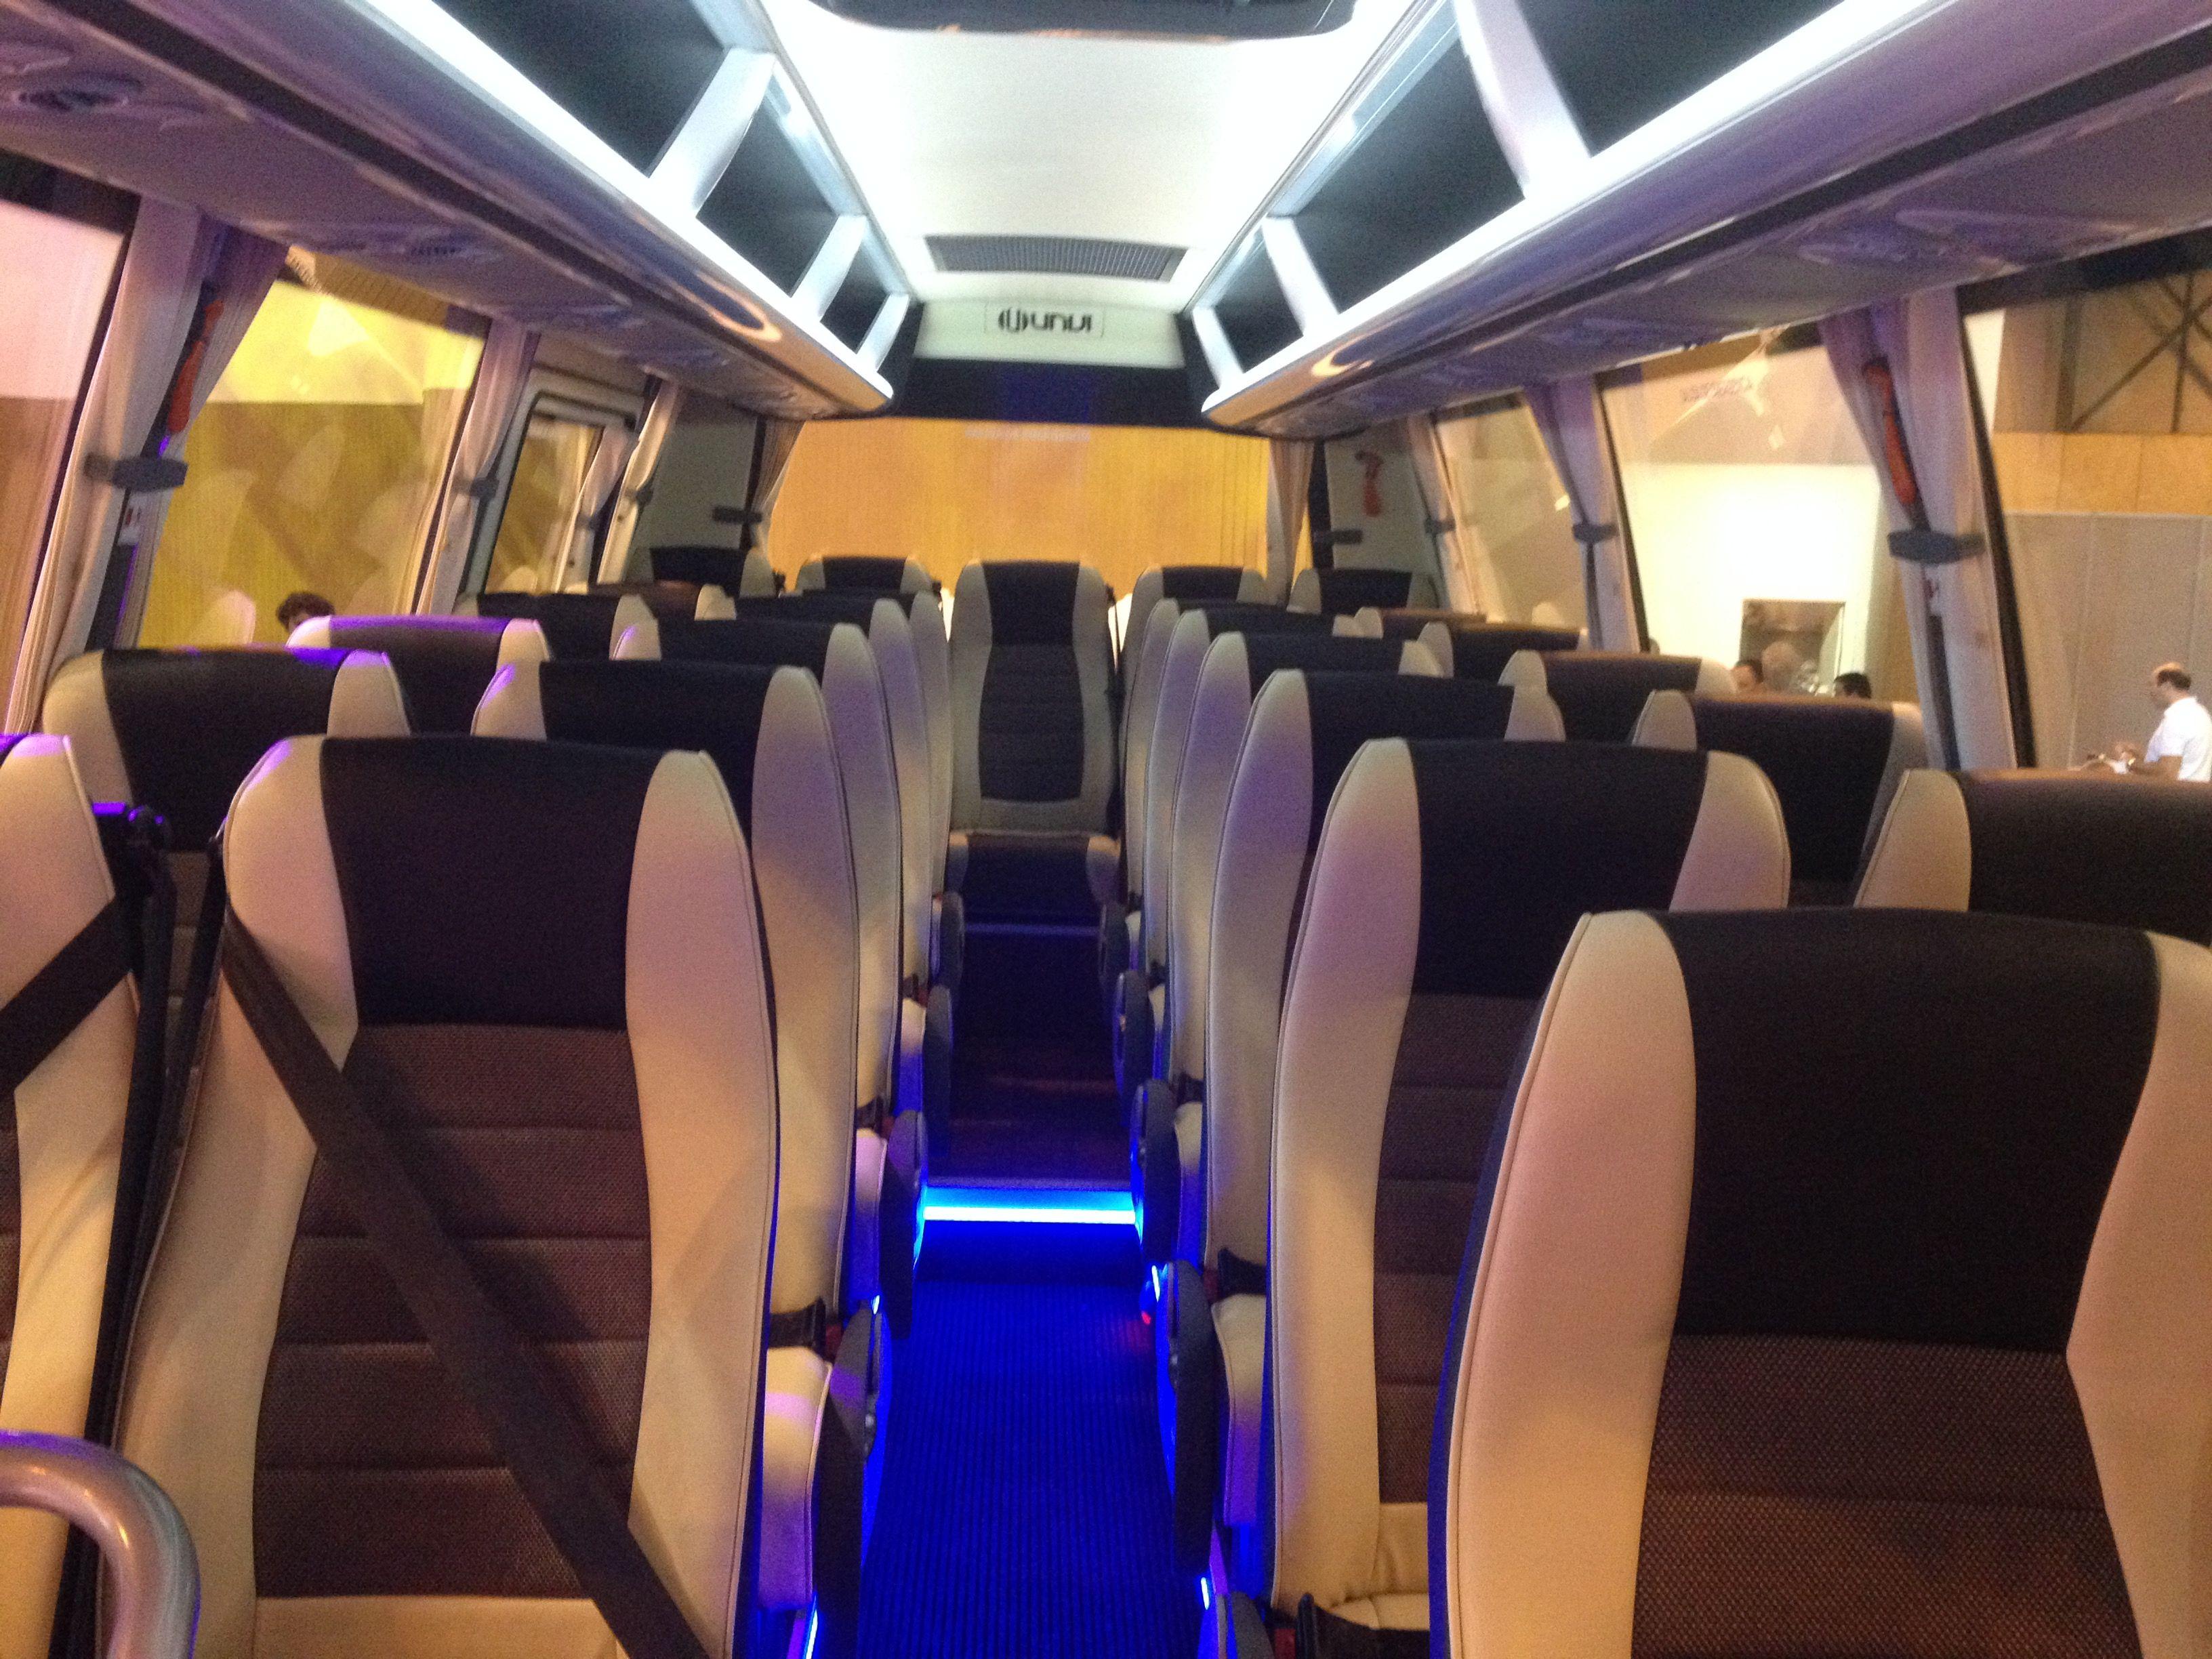 Minibús de lujo: una nueva expresión de estatus